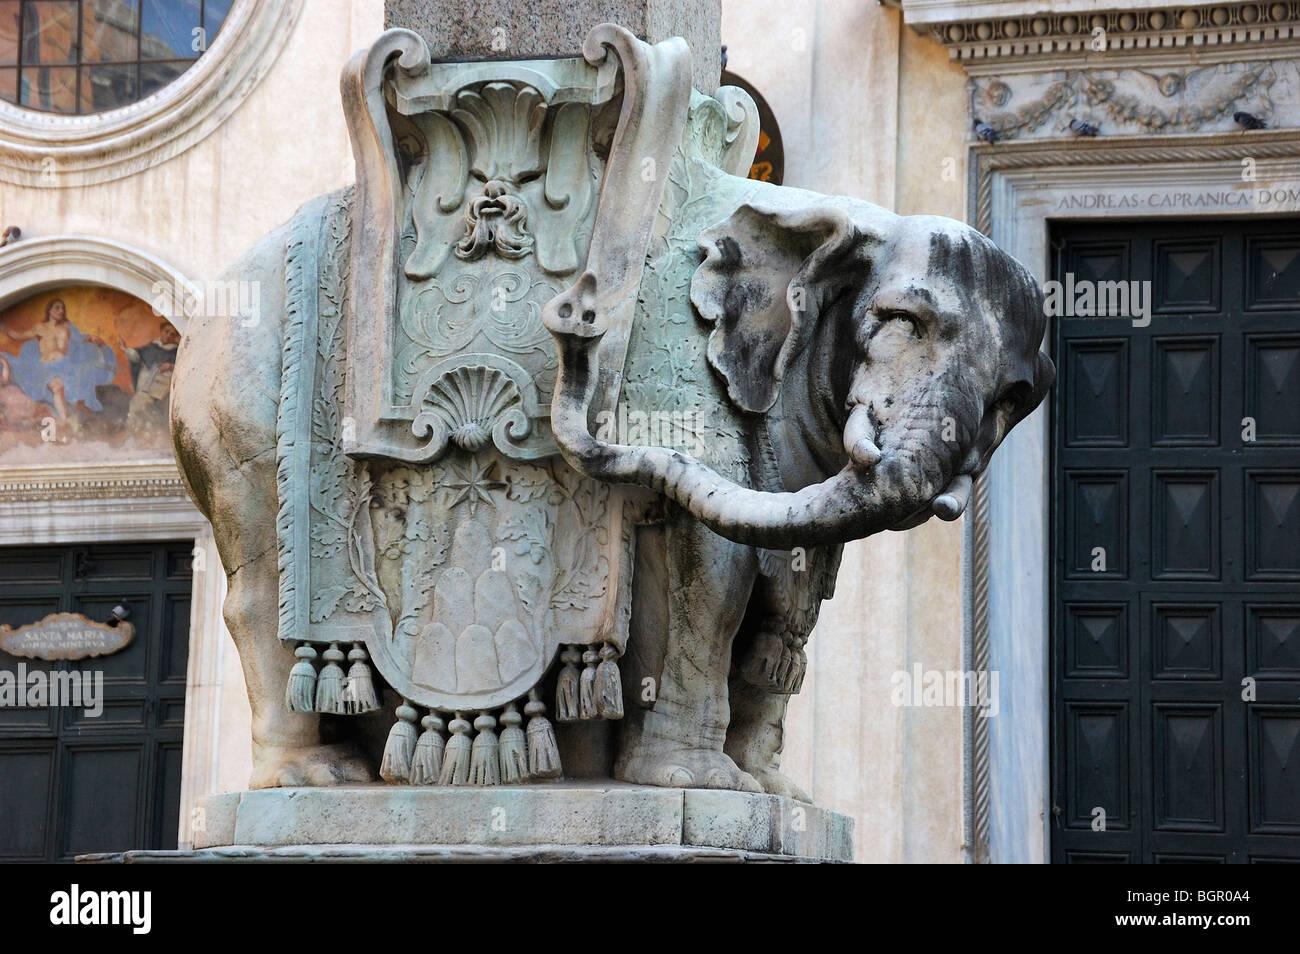 Pulcino della Minerva elephant sculpture in Piazza Minerva, Rome, Italy - Stock Image